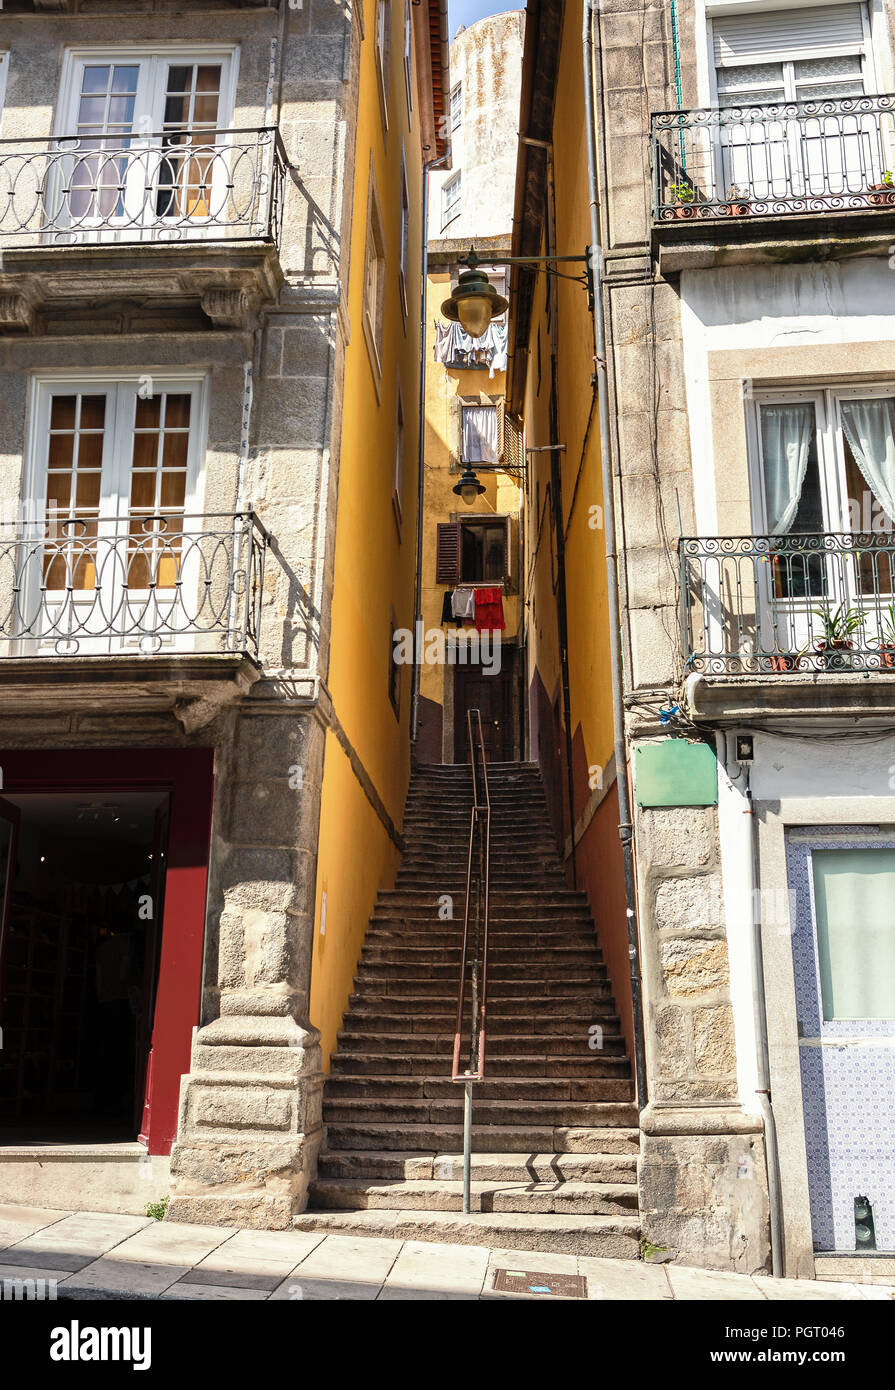 Eine Enge Passage Mit Einer Treppe Zwischen Den Hausern In Der